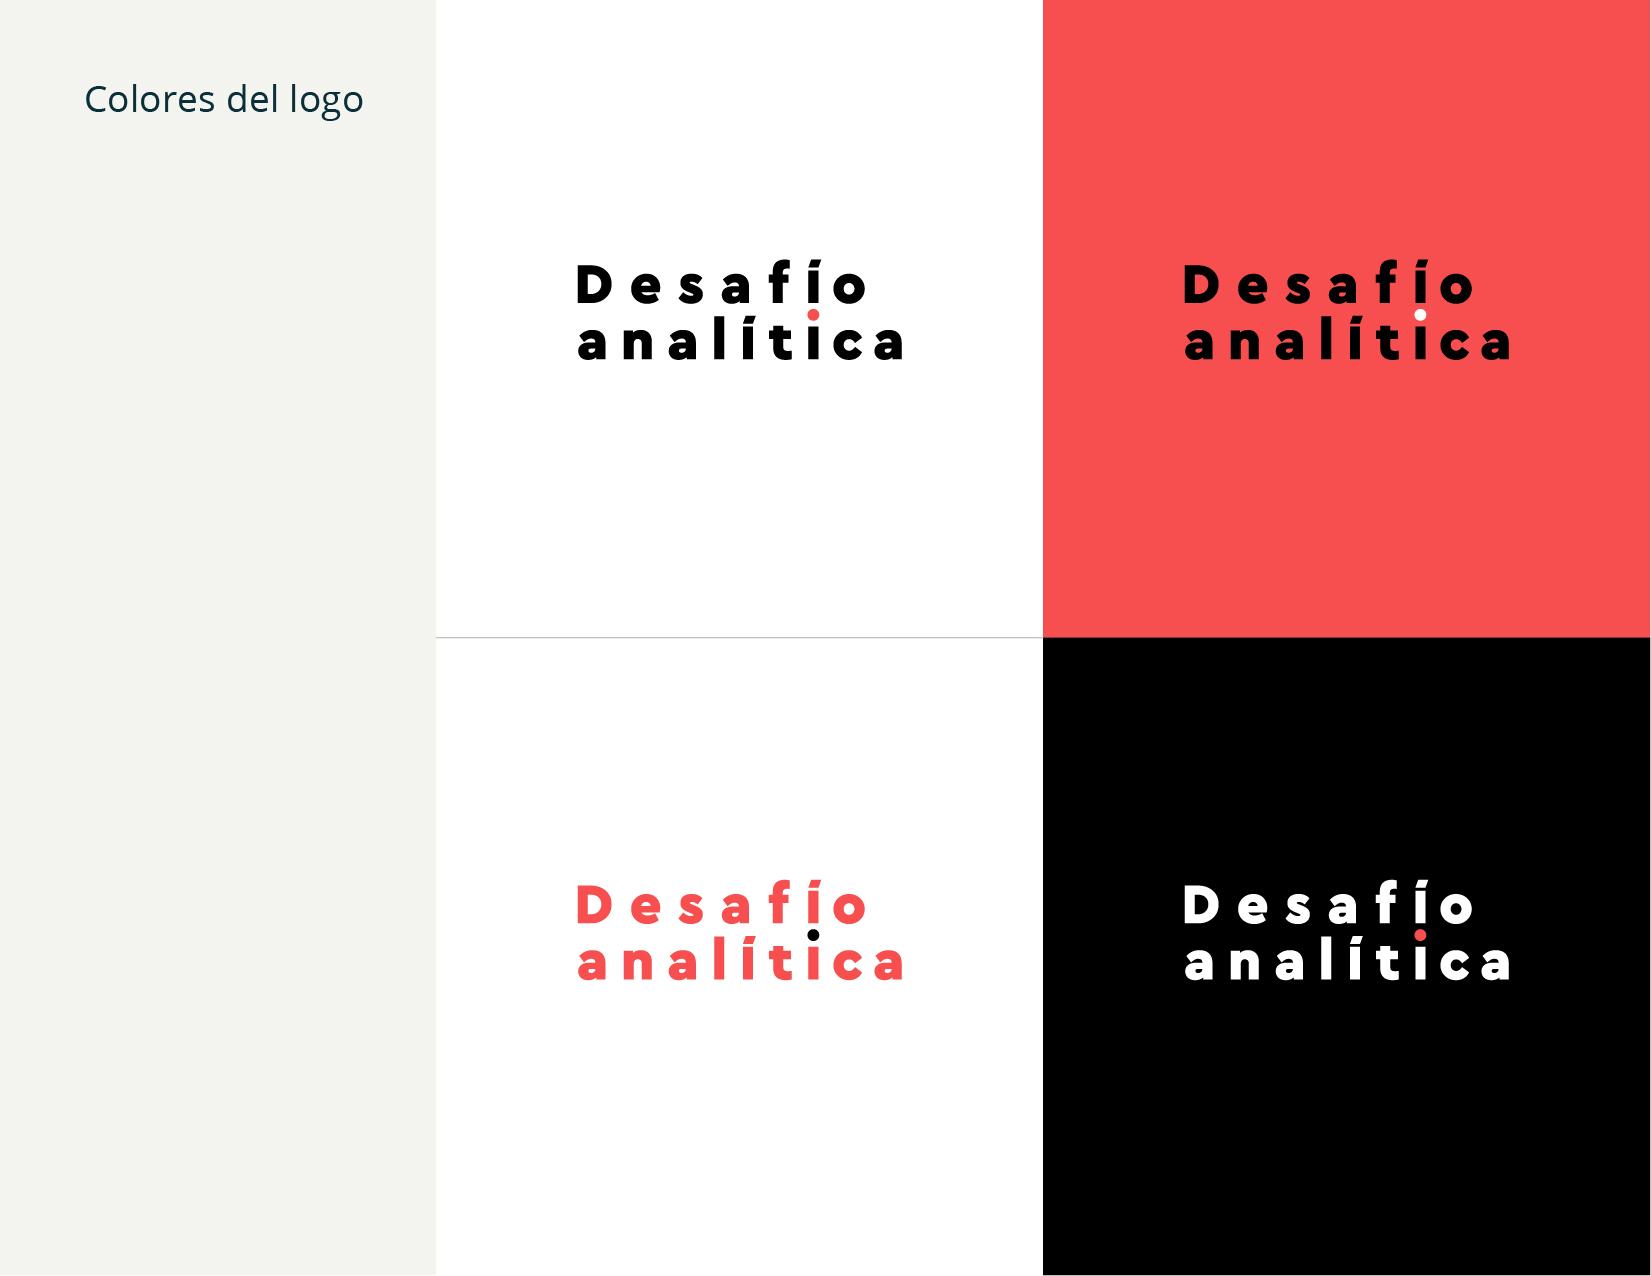 desafio_logo_presen2-06